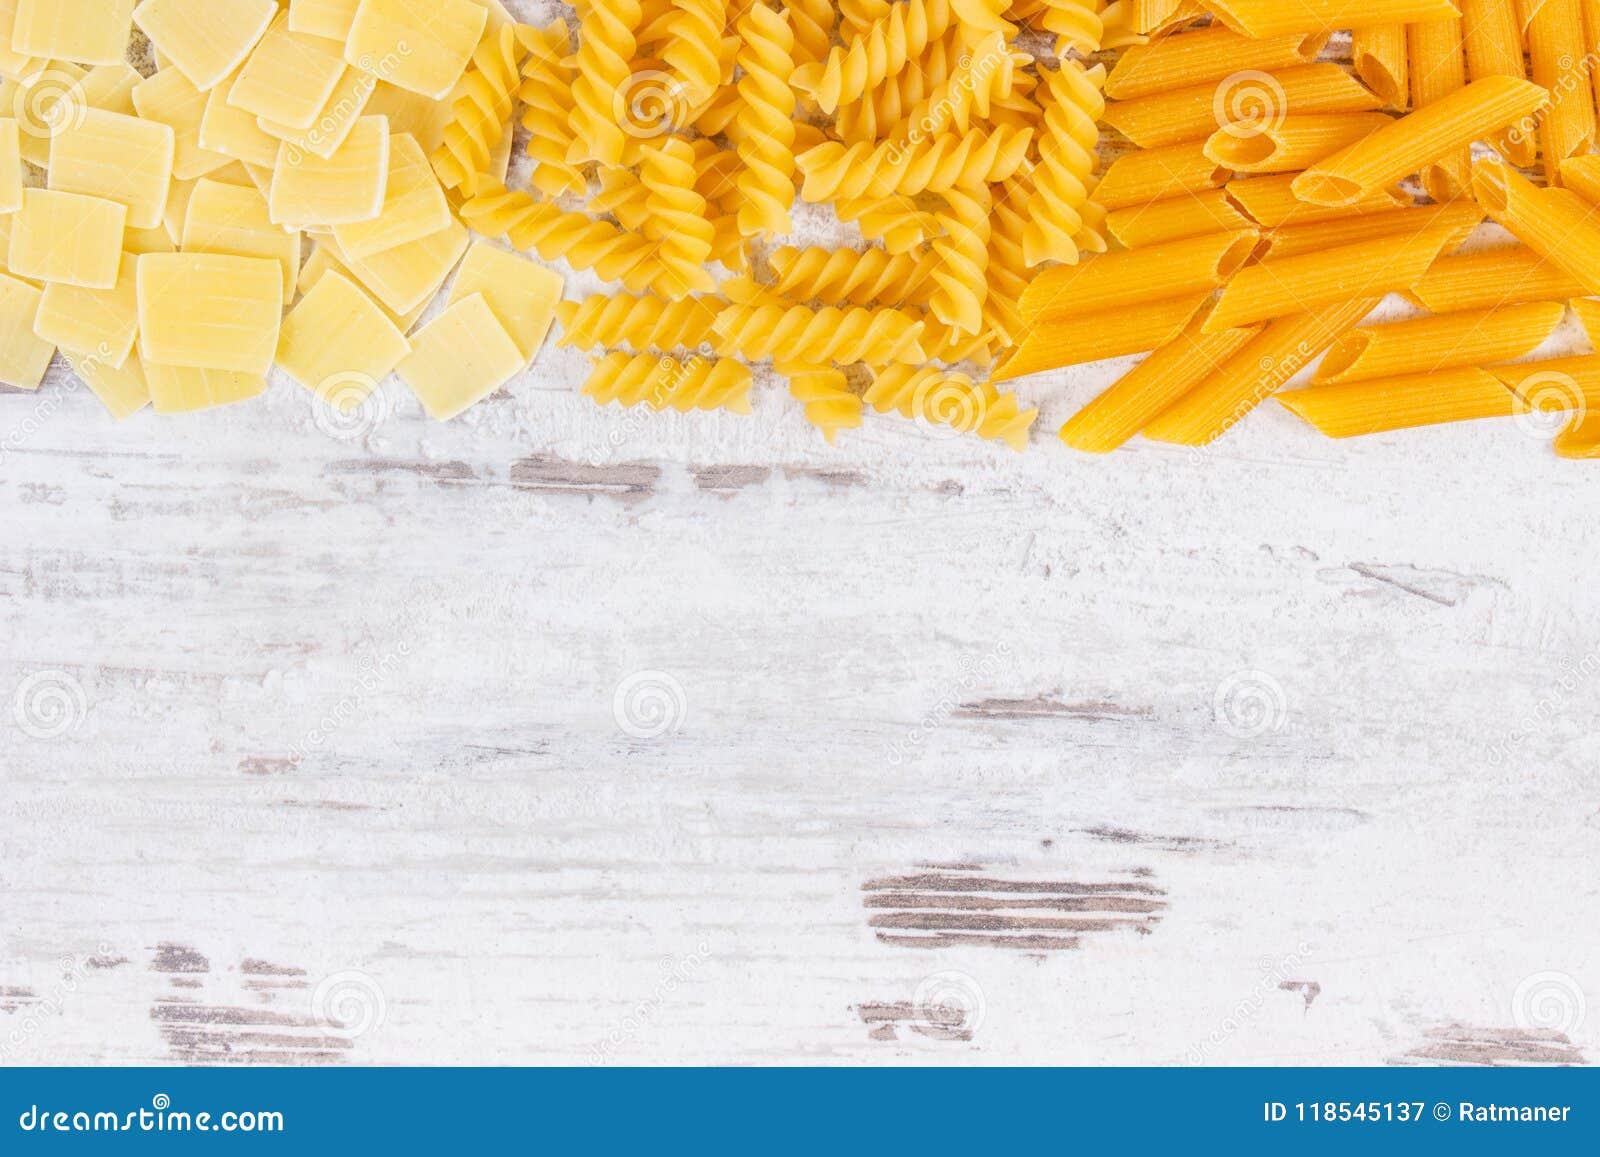 Różnorodny mieszanka makaron jako źródło węglowodany i włókno, kopii przestrzeń dla teksta na pokładzie